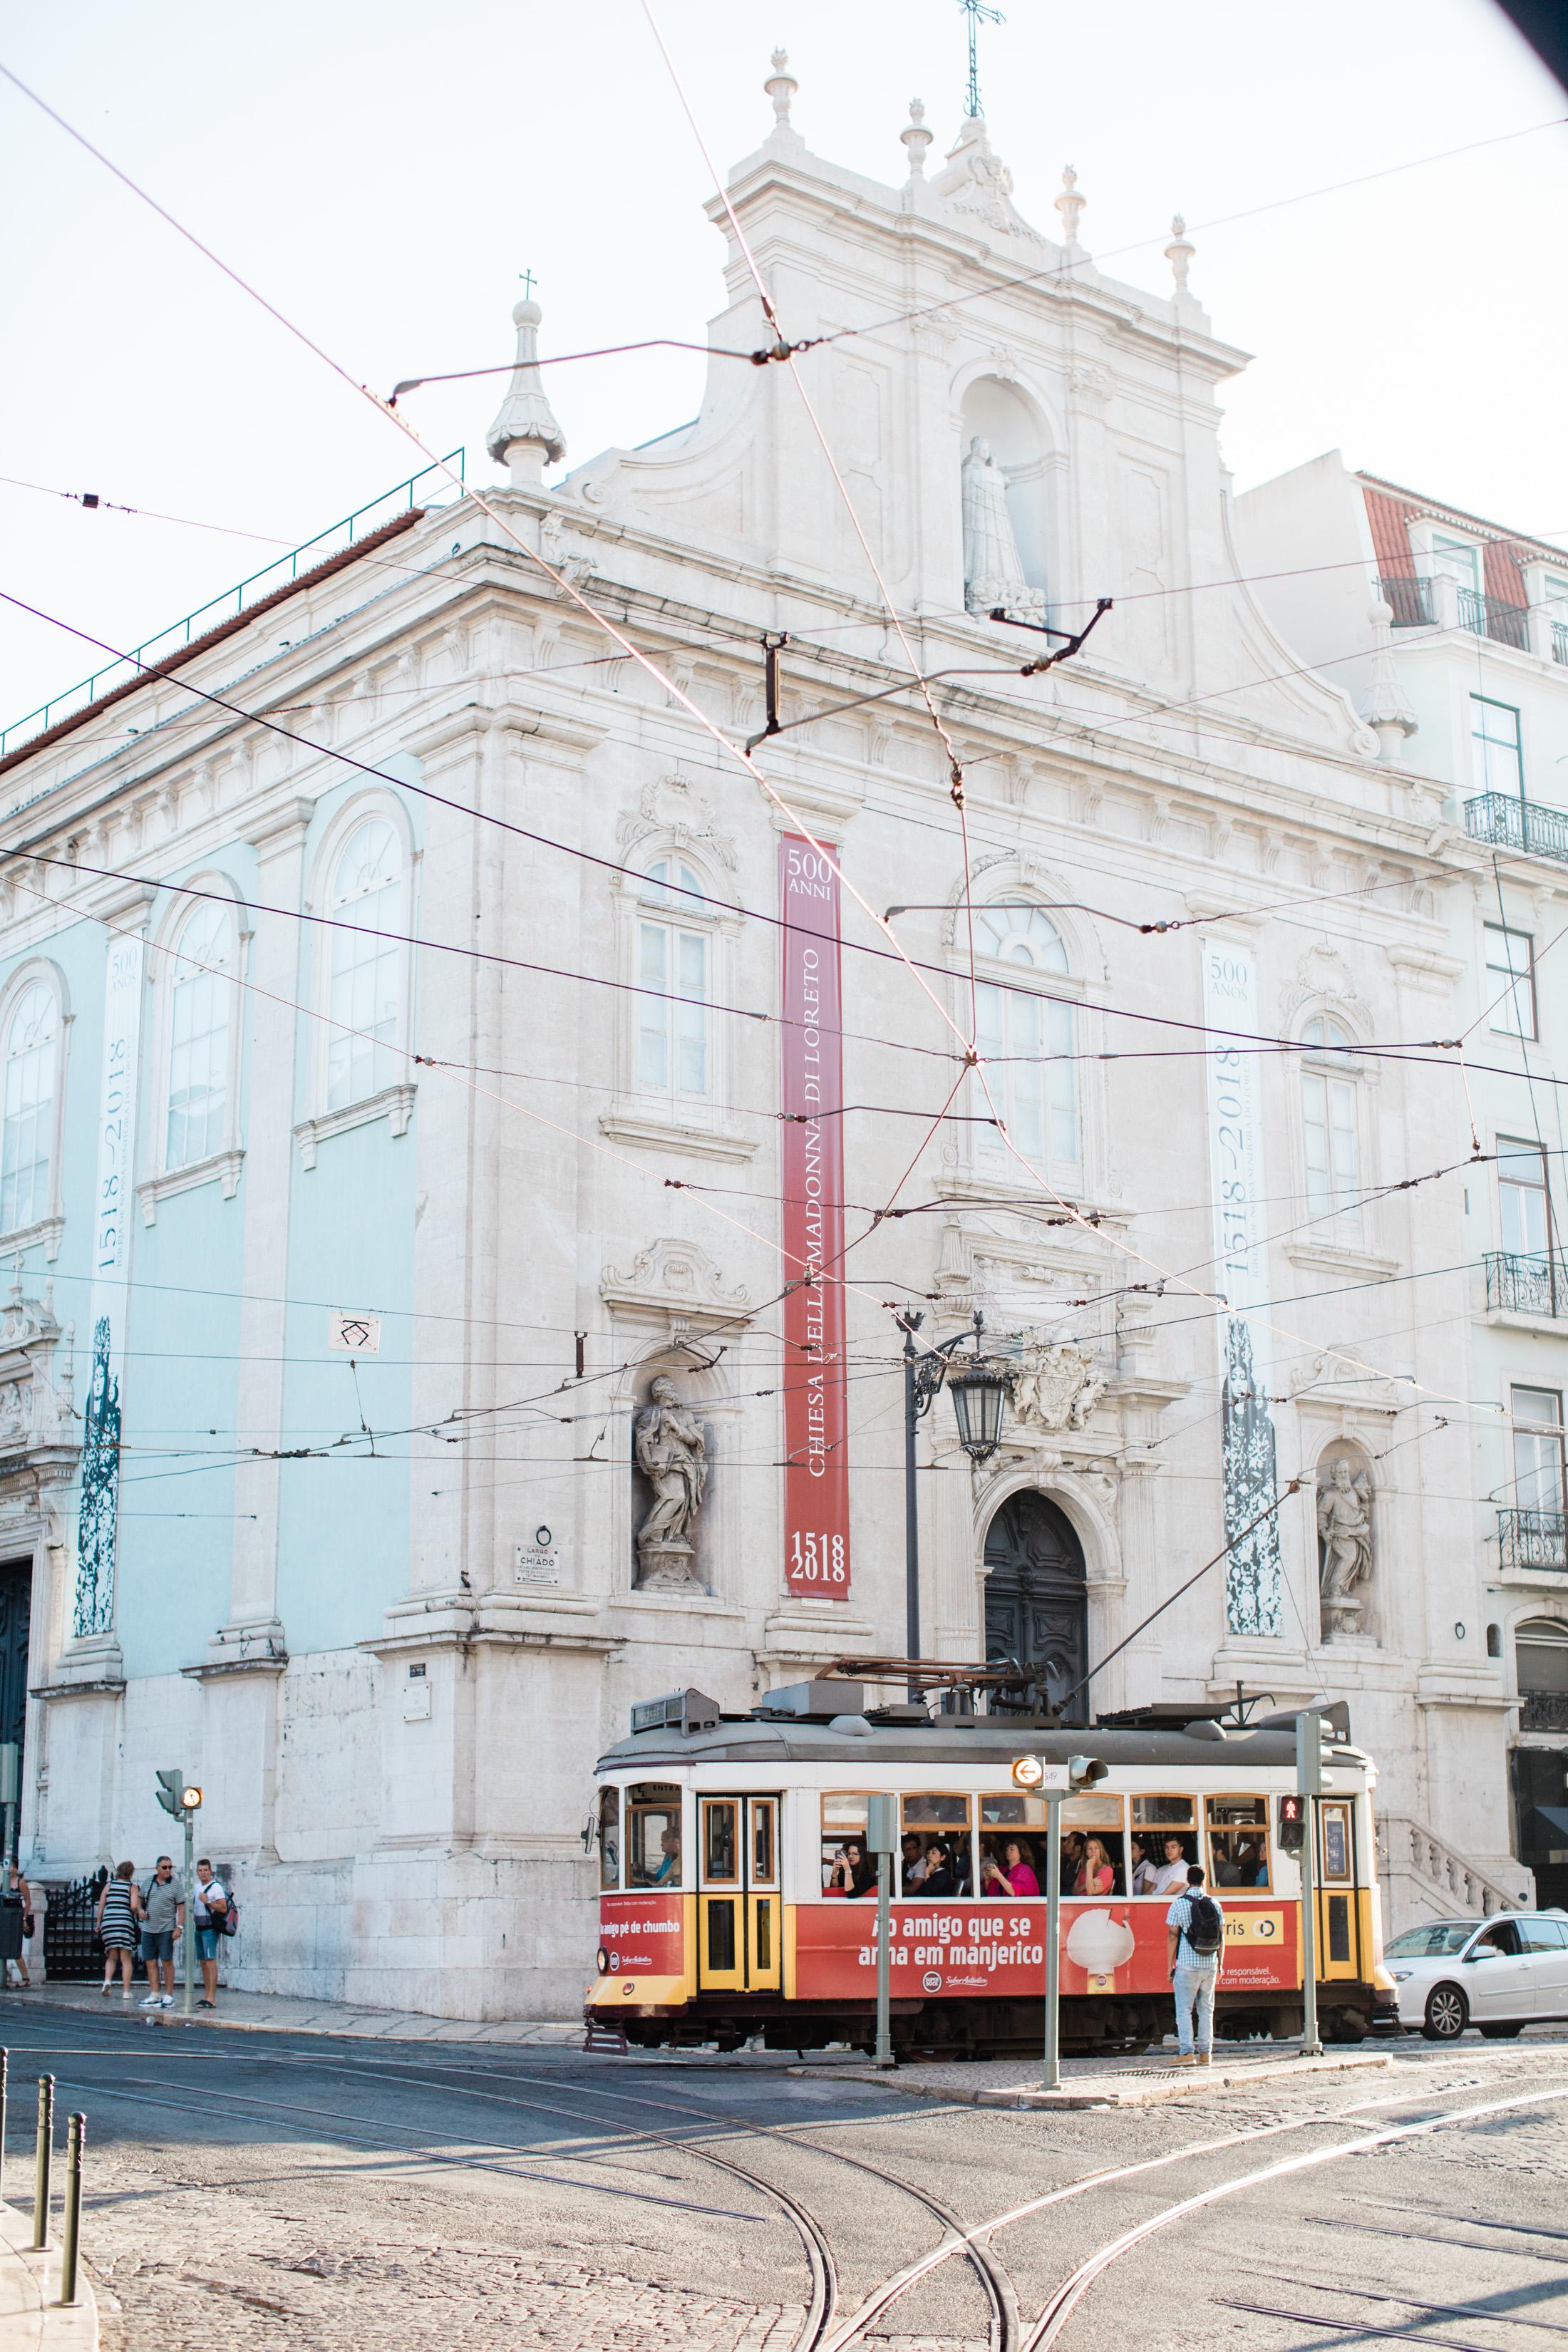 LisbonPortugal_August2018-4.jpg